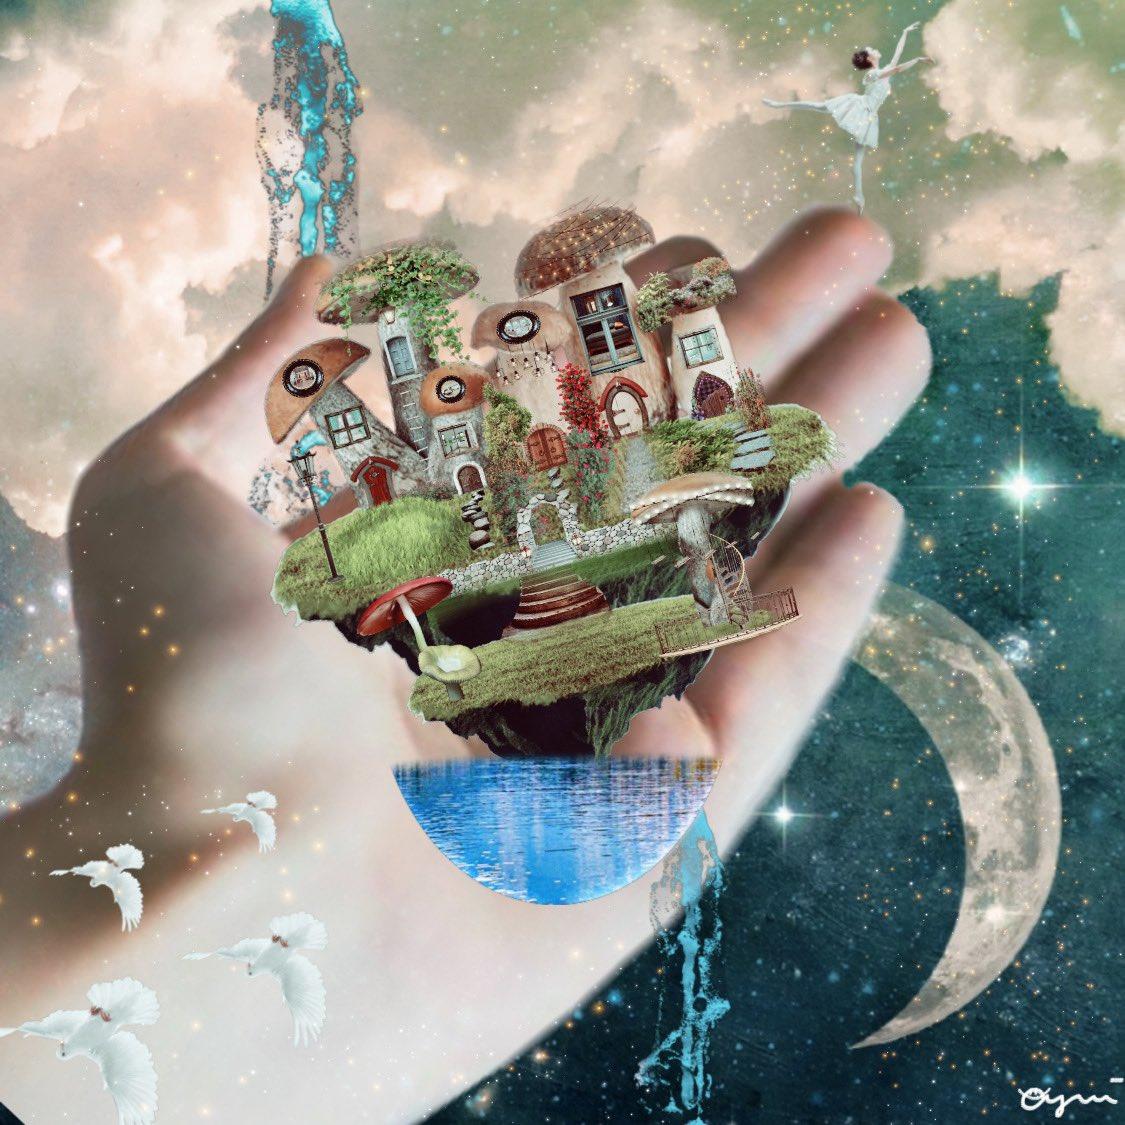 タイトル未定です。 夢の中の様な、ファンタジーの様な。空と大地は反対で、鳥は地面を飛びます。バレリーナは、今を楽しみながら踊ります😌 絵本をイメージして制作致しました🙇♂️ #グラフィック #デザイン #コラージュ #graphic #design #collage #art #夢 #ファンタジー #絵本 #book #異世界 #空 #月 https://t.co/lmeGLInve1